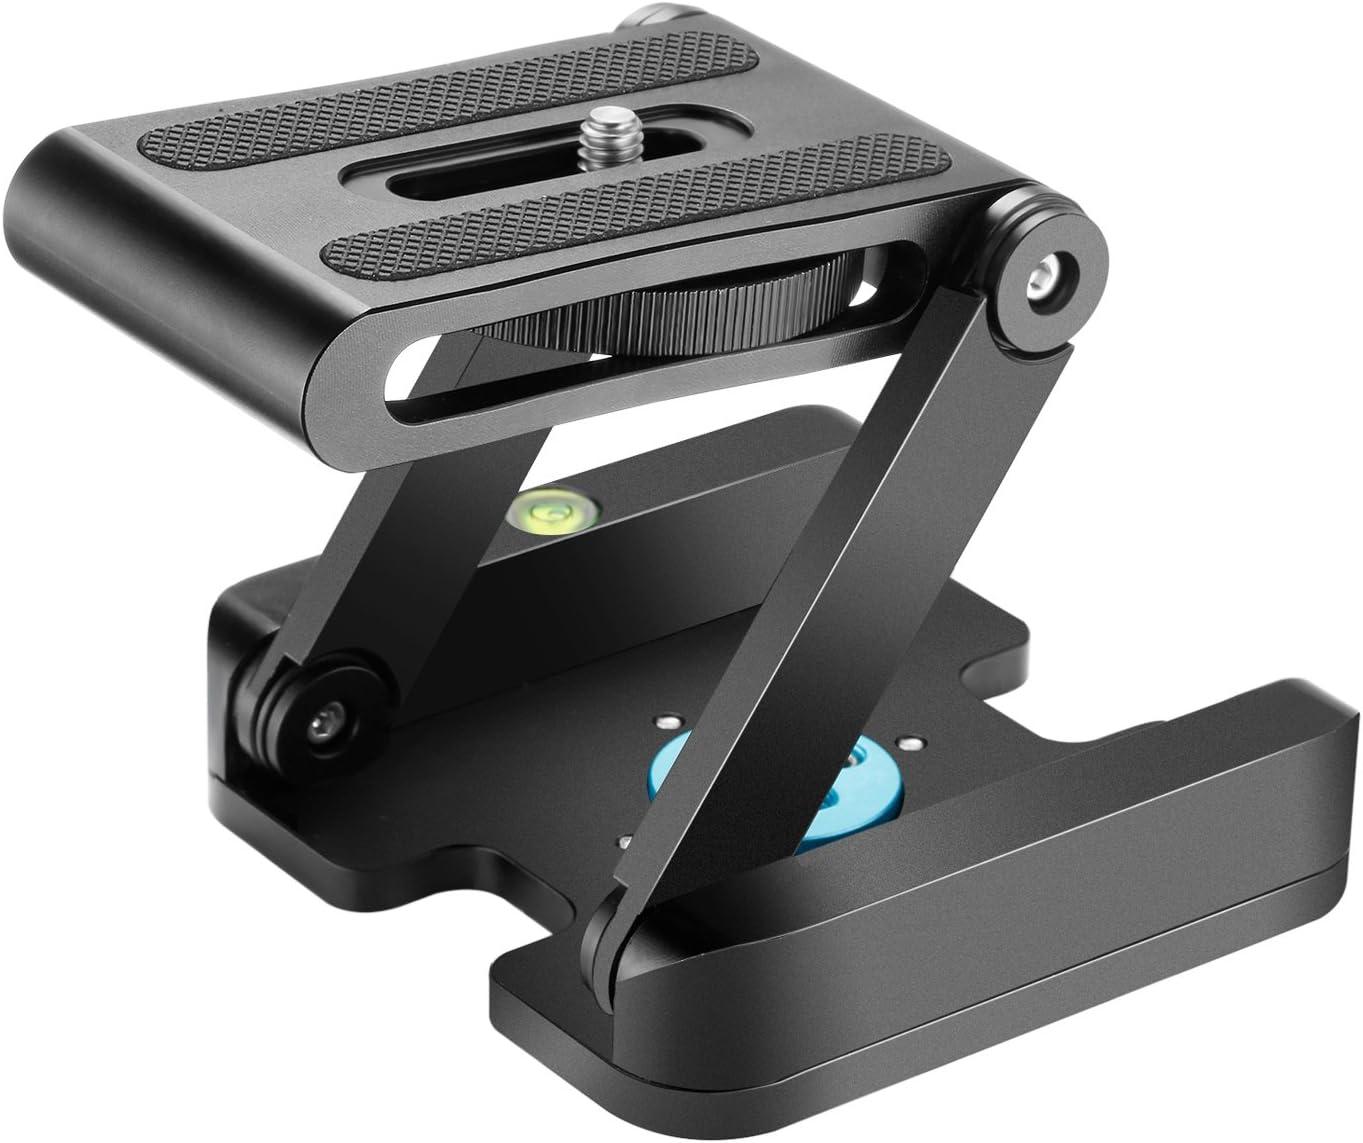 Neewer Z Flex Tilt Cabeza de Bola con Placa Quick Shoe QR Soporte para cámara aleación de Aluminio con Nivel de Burbuja para Videocámara Canon Nikon Sony Trípode guía A Deslizamiento